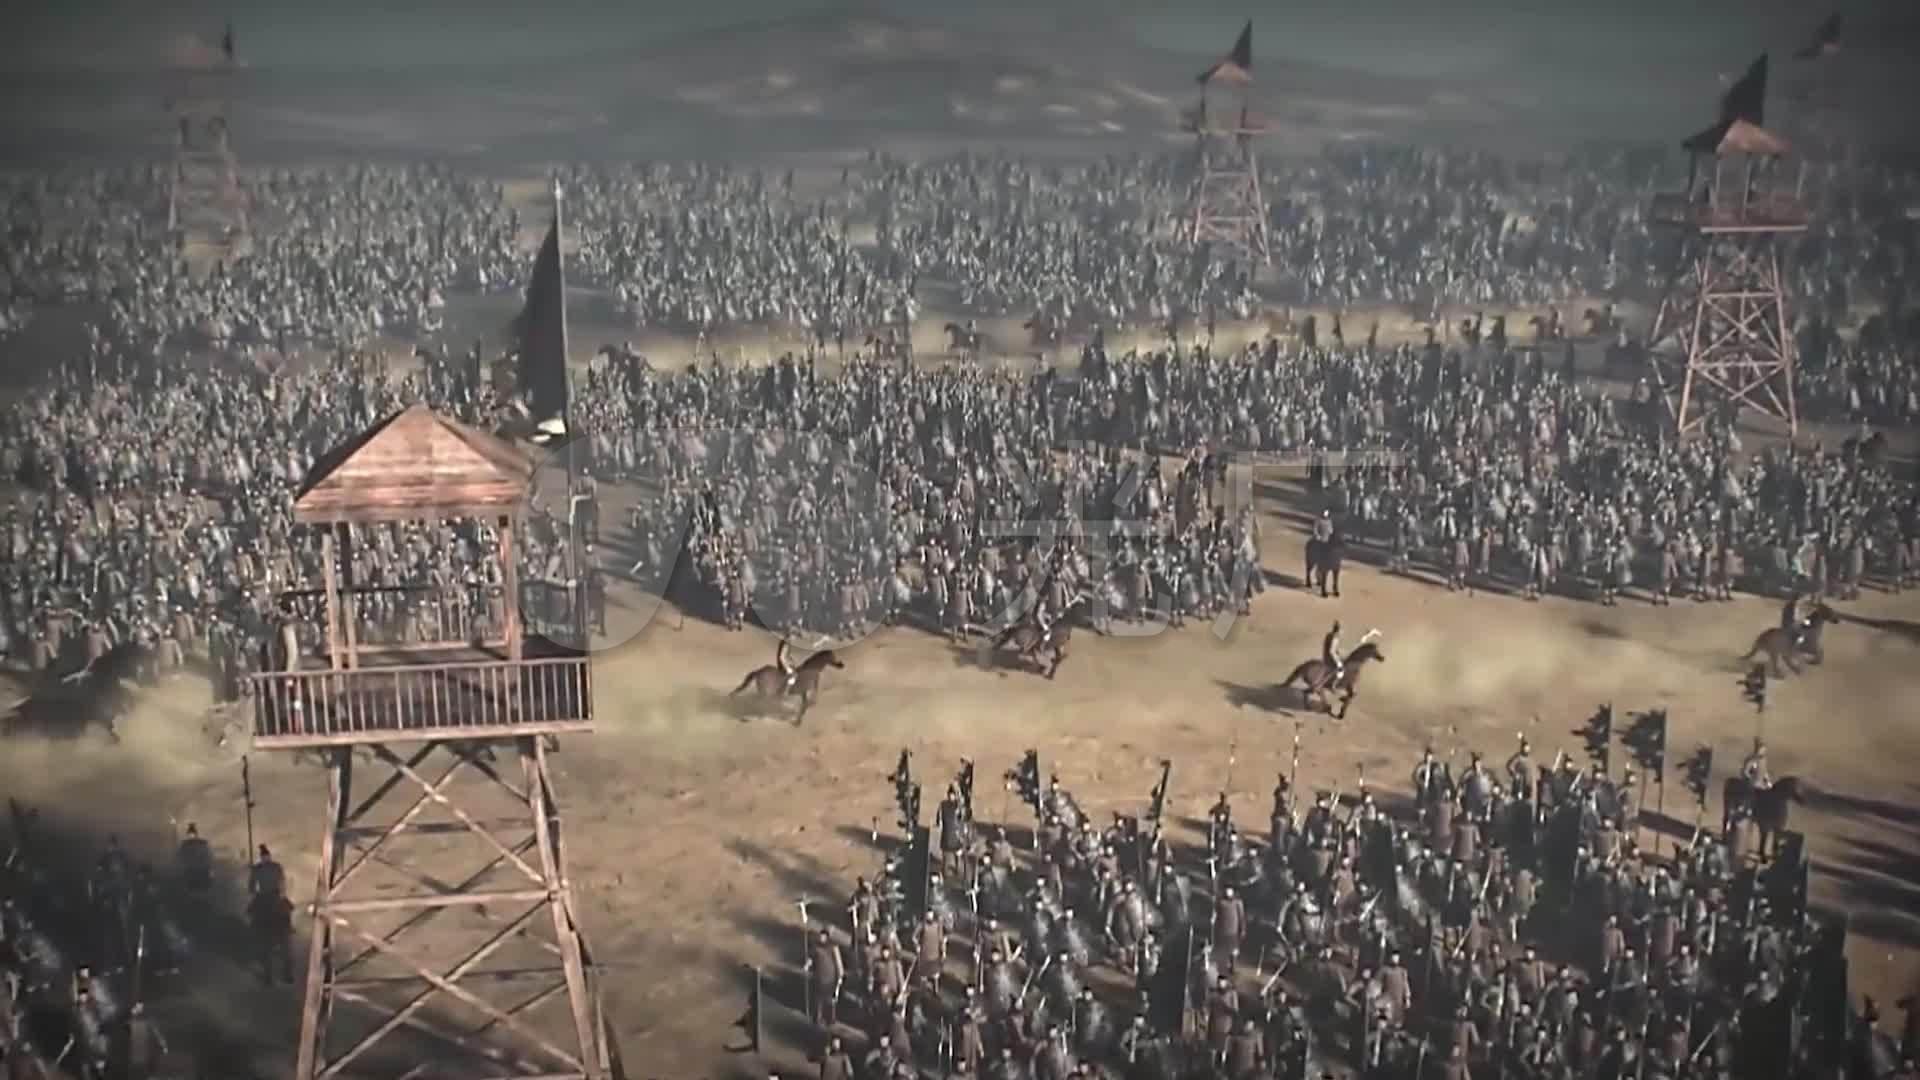 中国古代视频3D动画战鼓箭效应_1920X10803质量战火战争图片